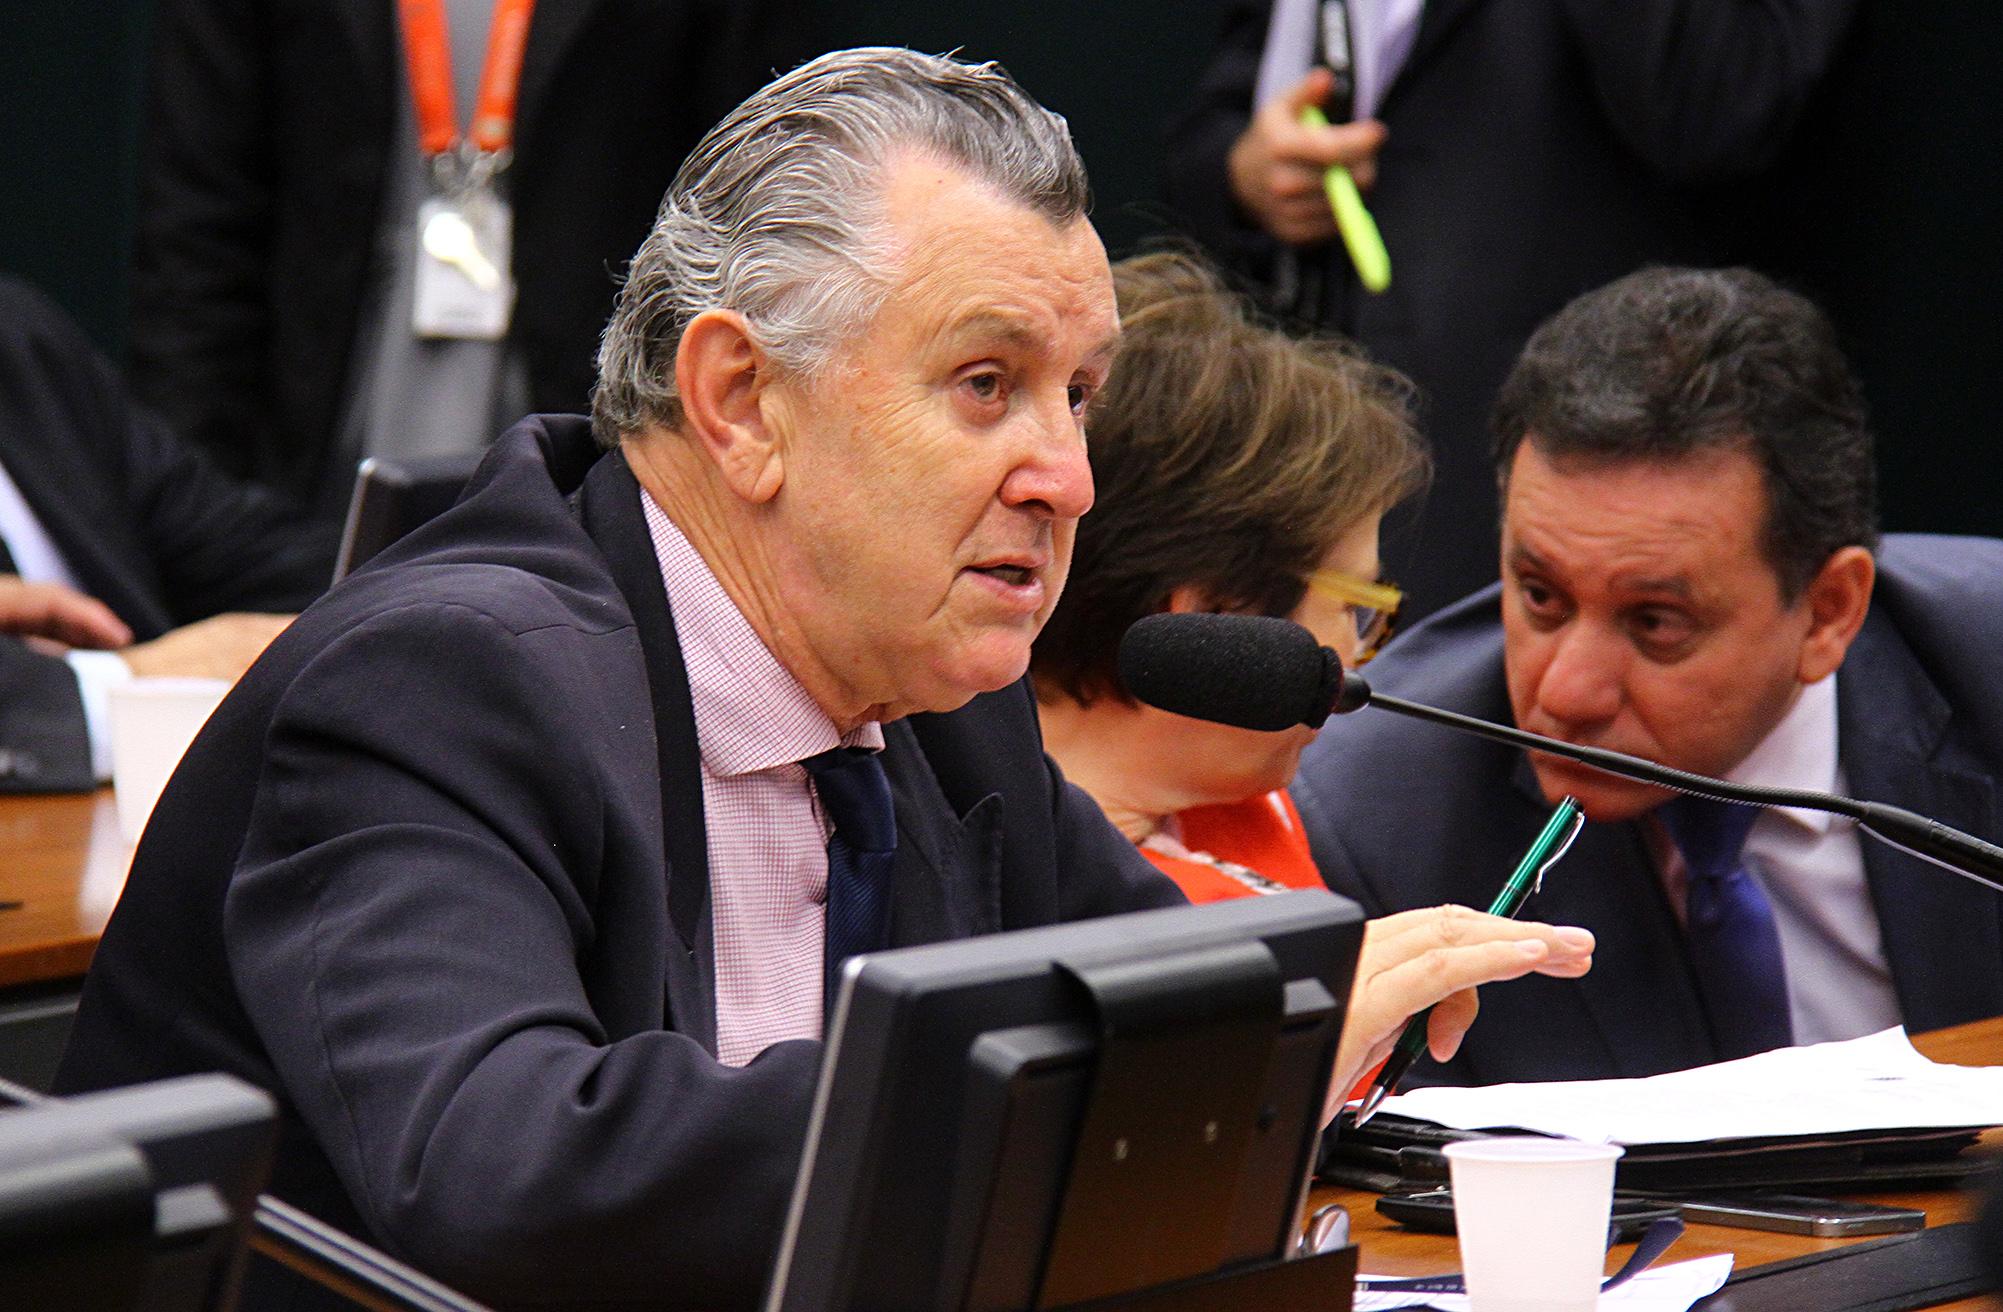 Reunião Ordinária. Dep. Luis Carlos Heinze (PP-RS)